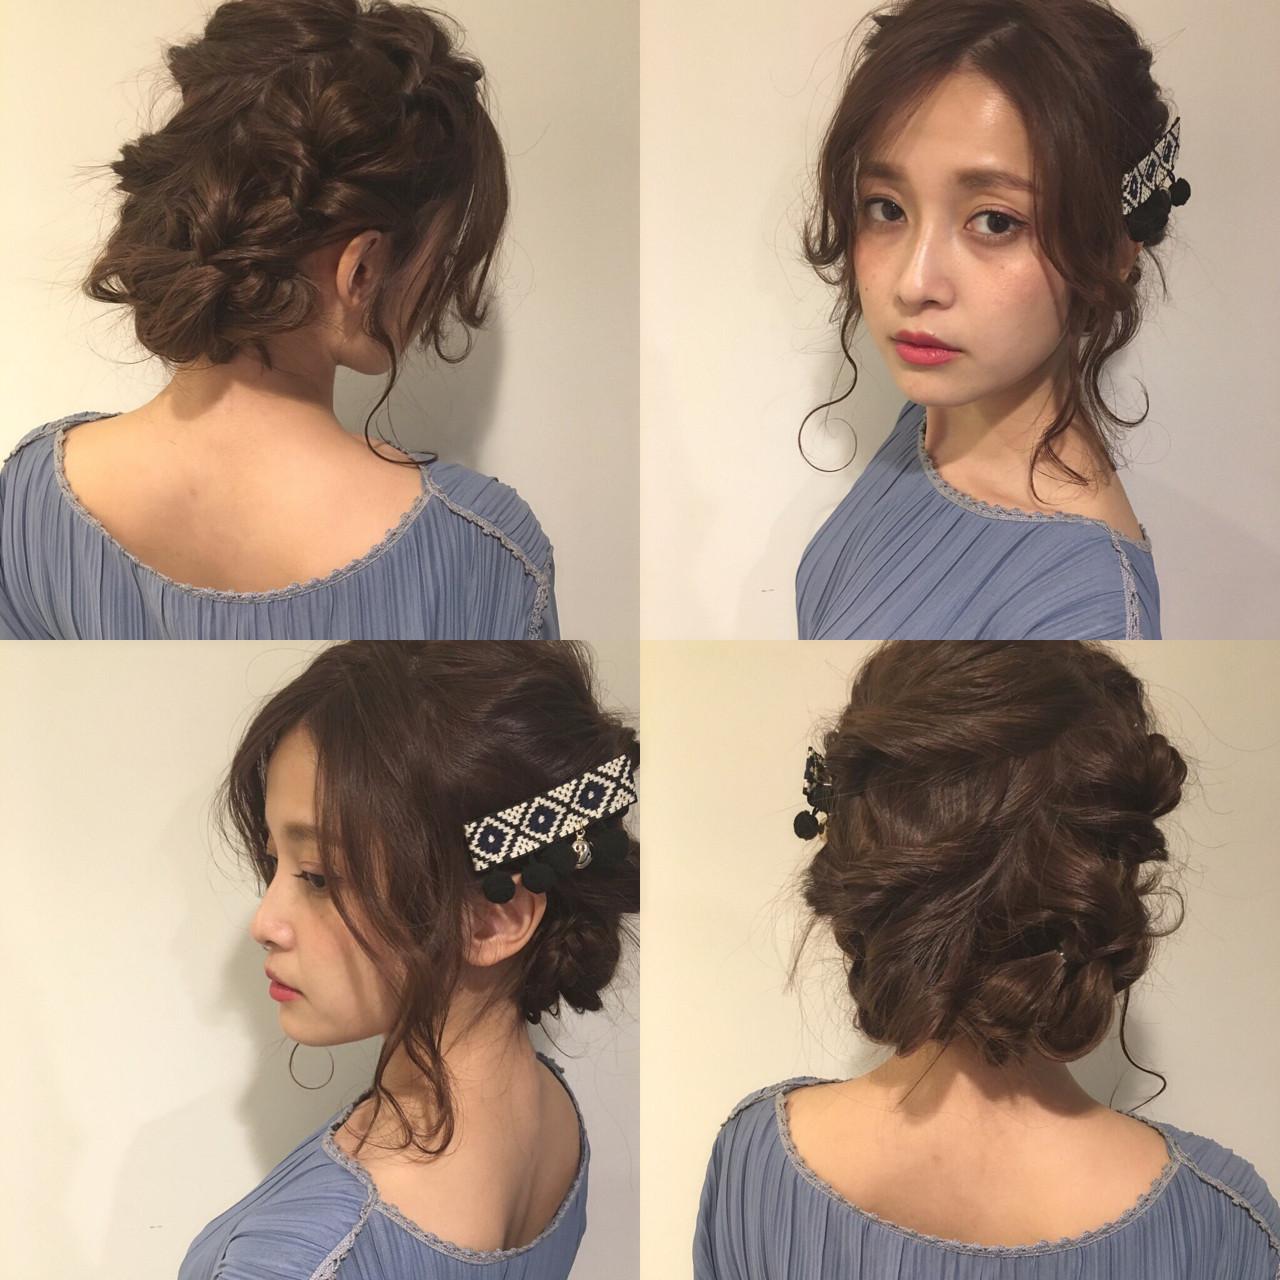 パーマ ピュア ロング ショート ヘアスタイルや髪型の写真・画像